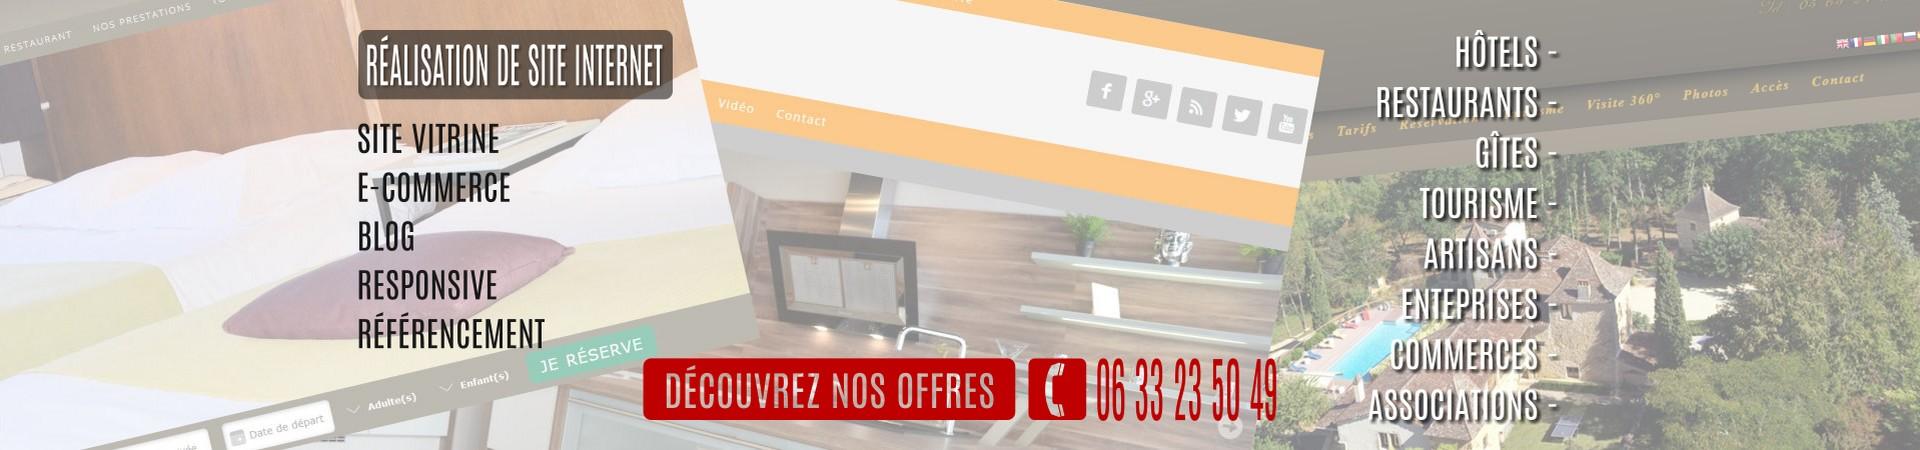 Création de site internet Auvergne Rhône-Alpes